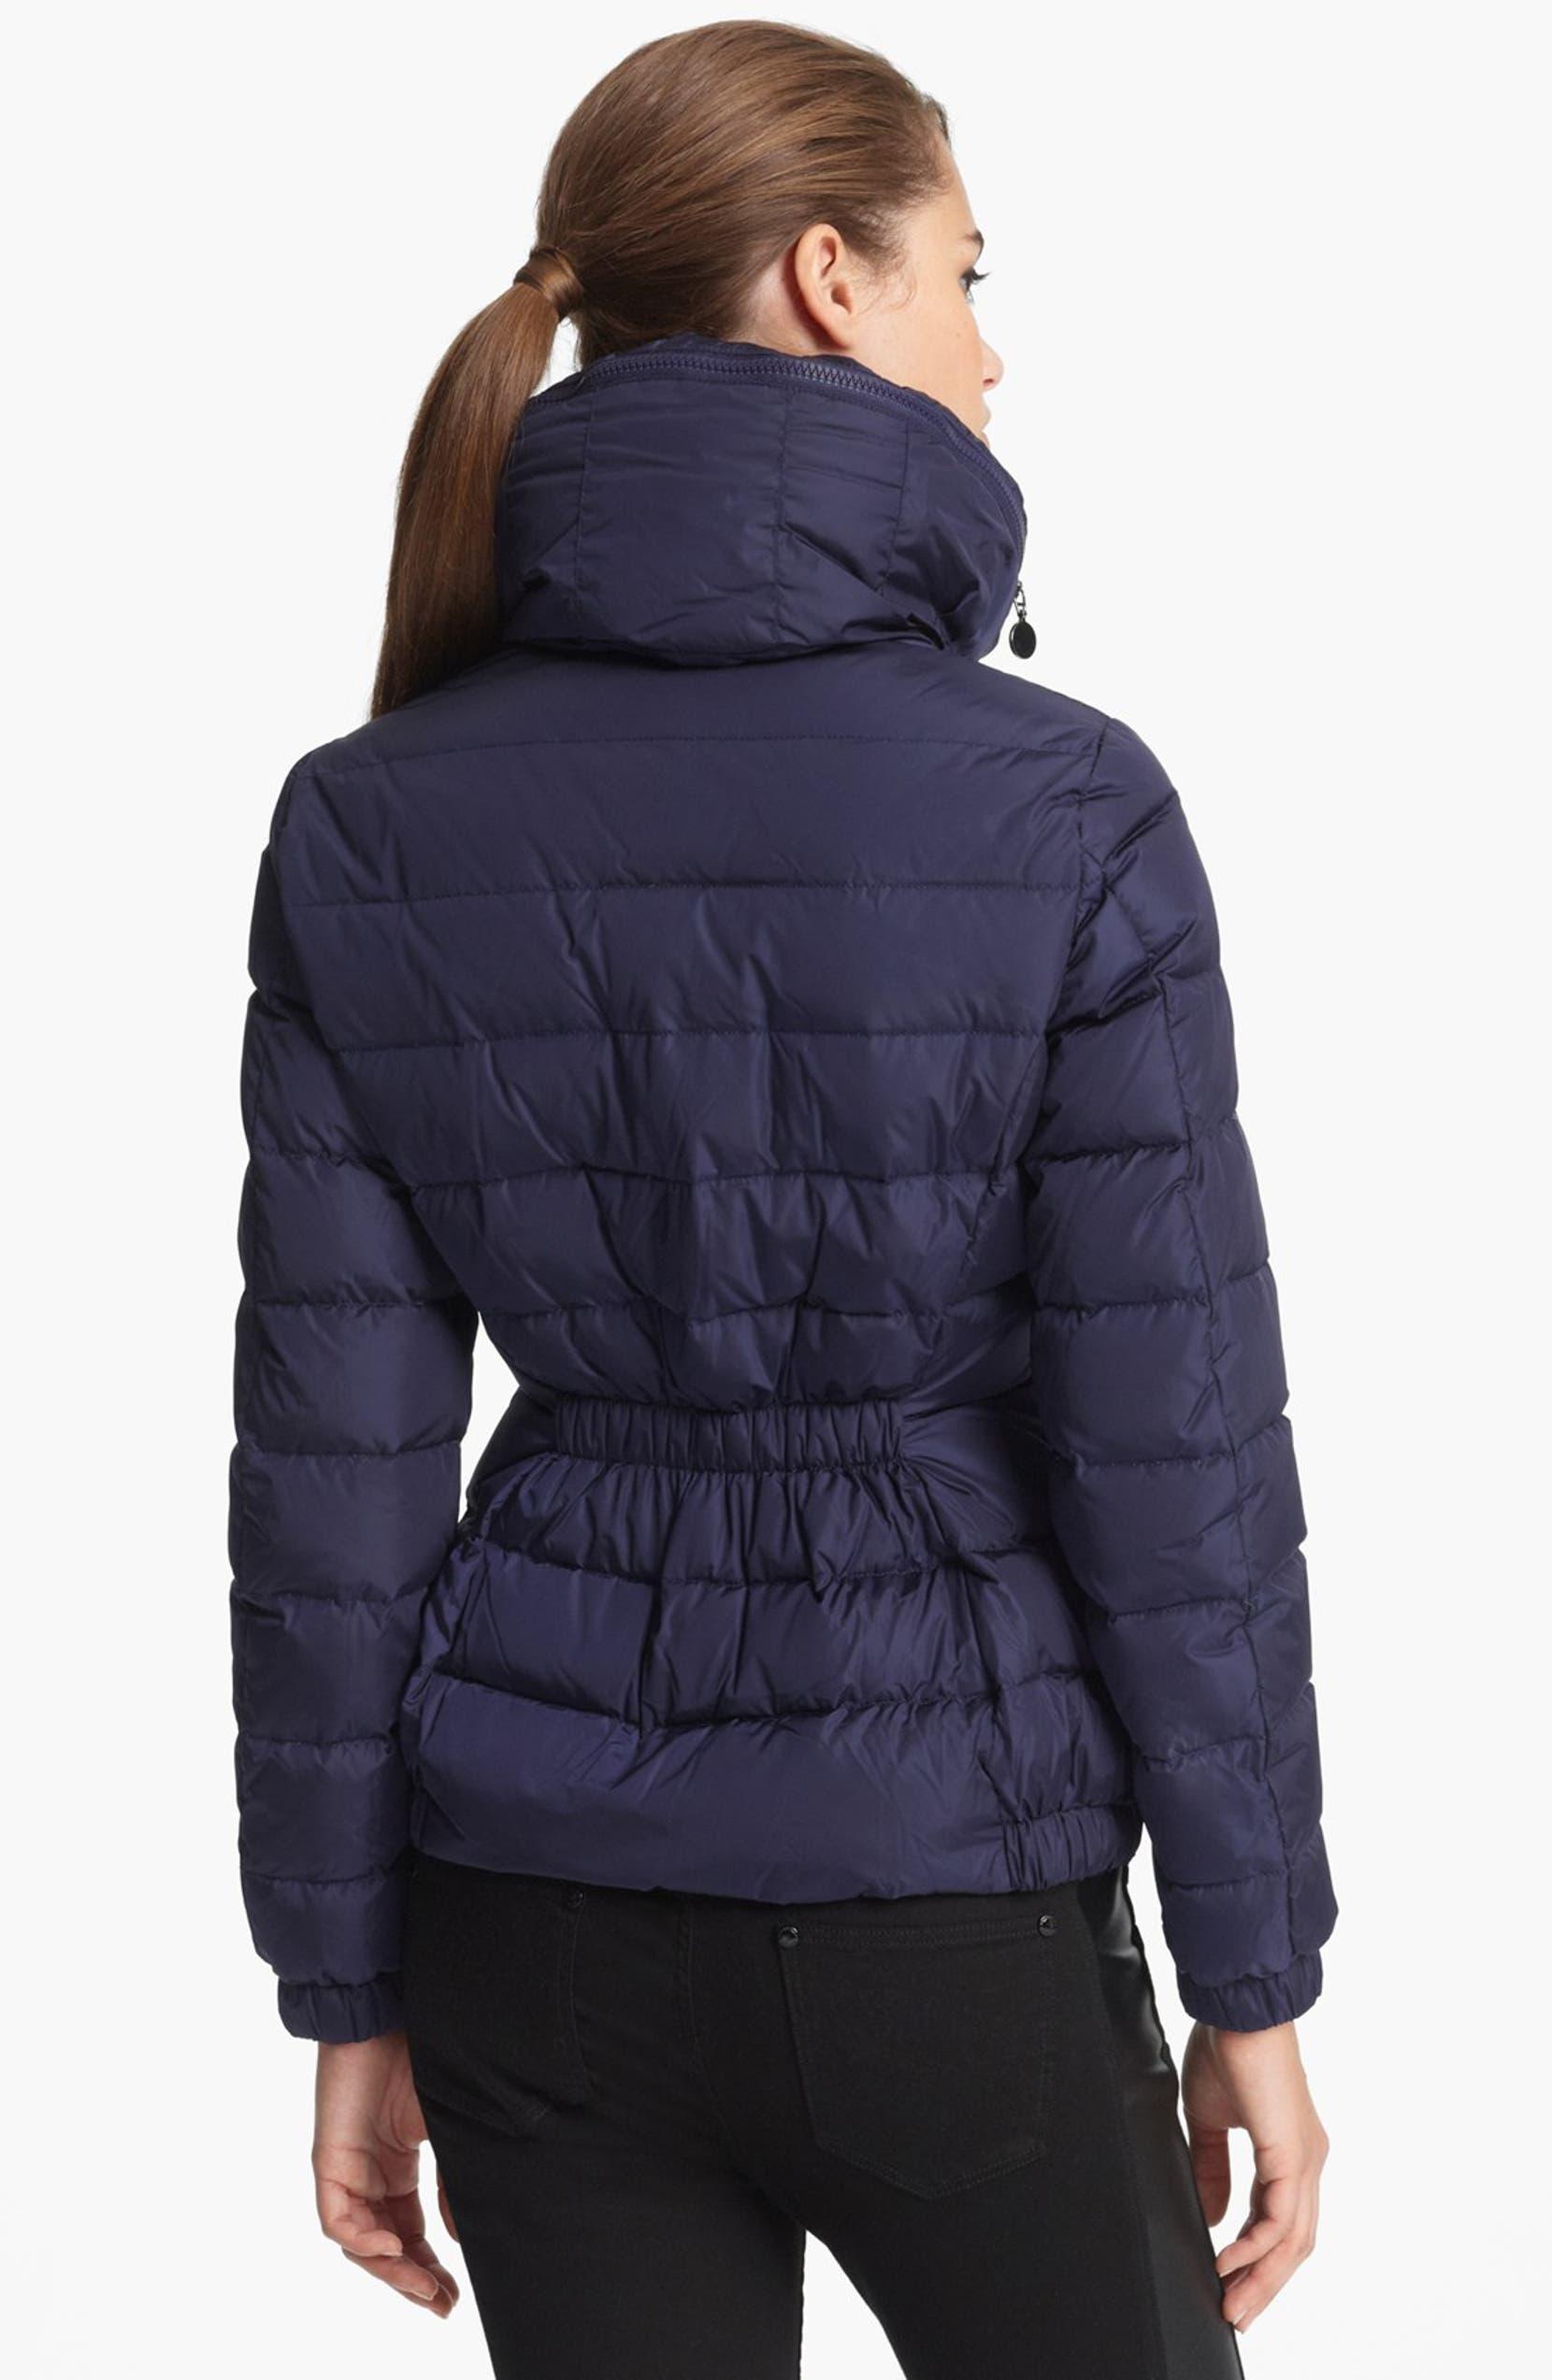 435b82cb98c0 Moncler  Sanglier  Down Jacket